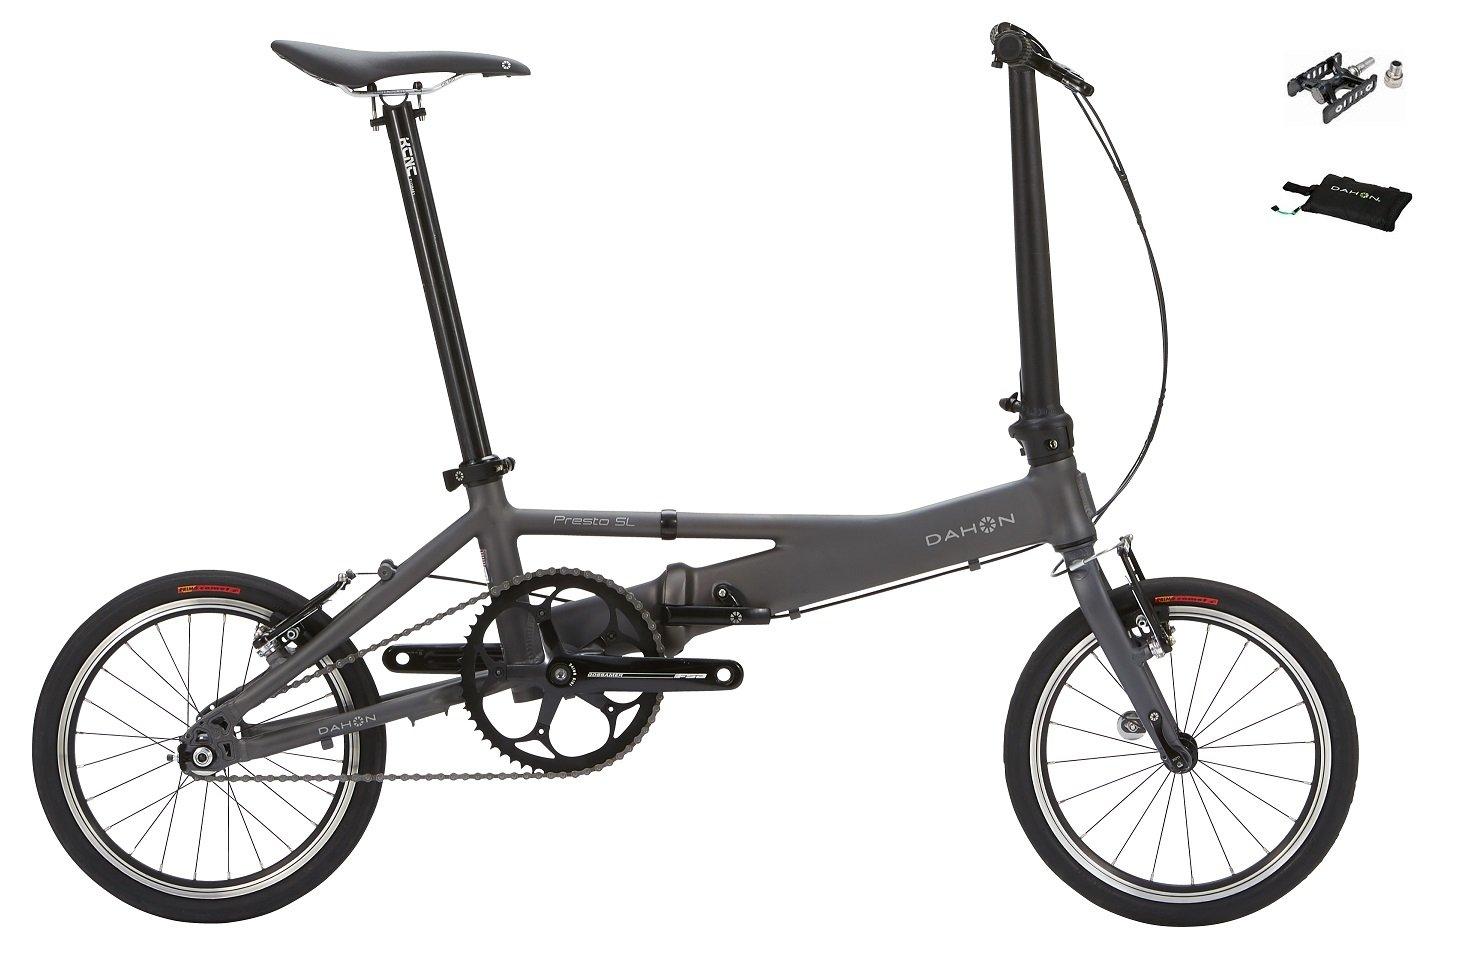 2018年モデル DAHON(ダホン) PRESTO SL(プレスト SL) 16インチ 折り畳み自転車 着脱ペダル、輪行バッグ付属 B0793PNWC5